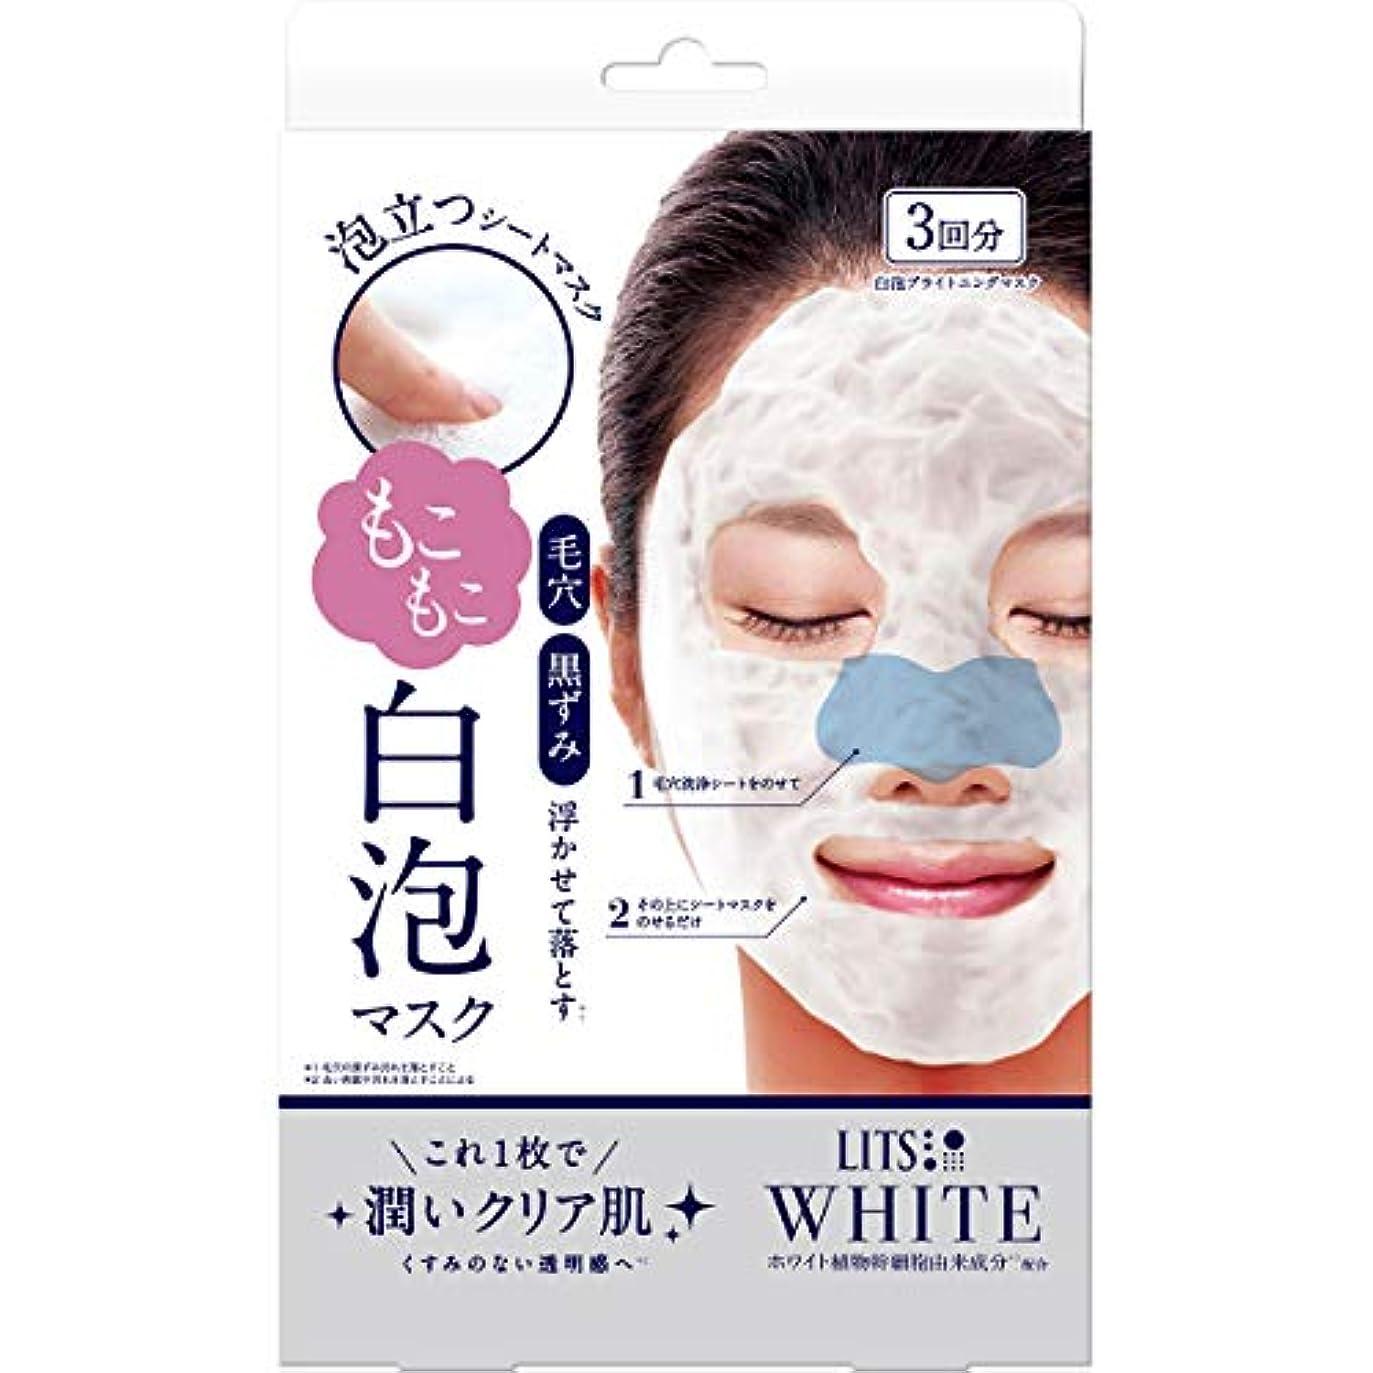 輝度断言するアラブリッツ ホワイト もこもこ白泡マスク 3枚